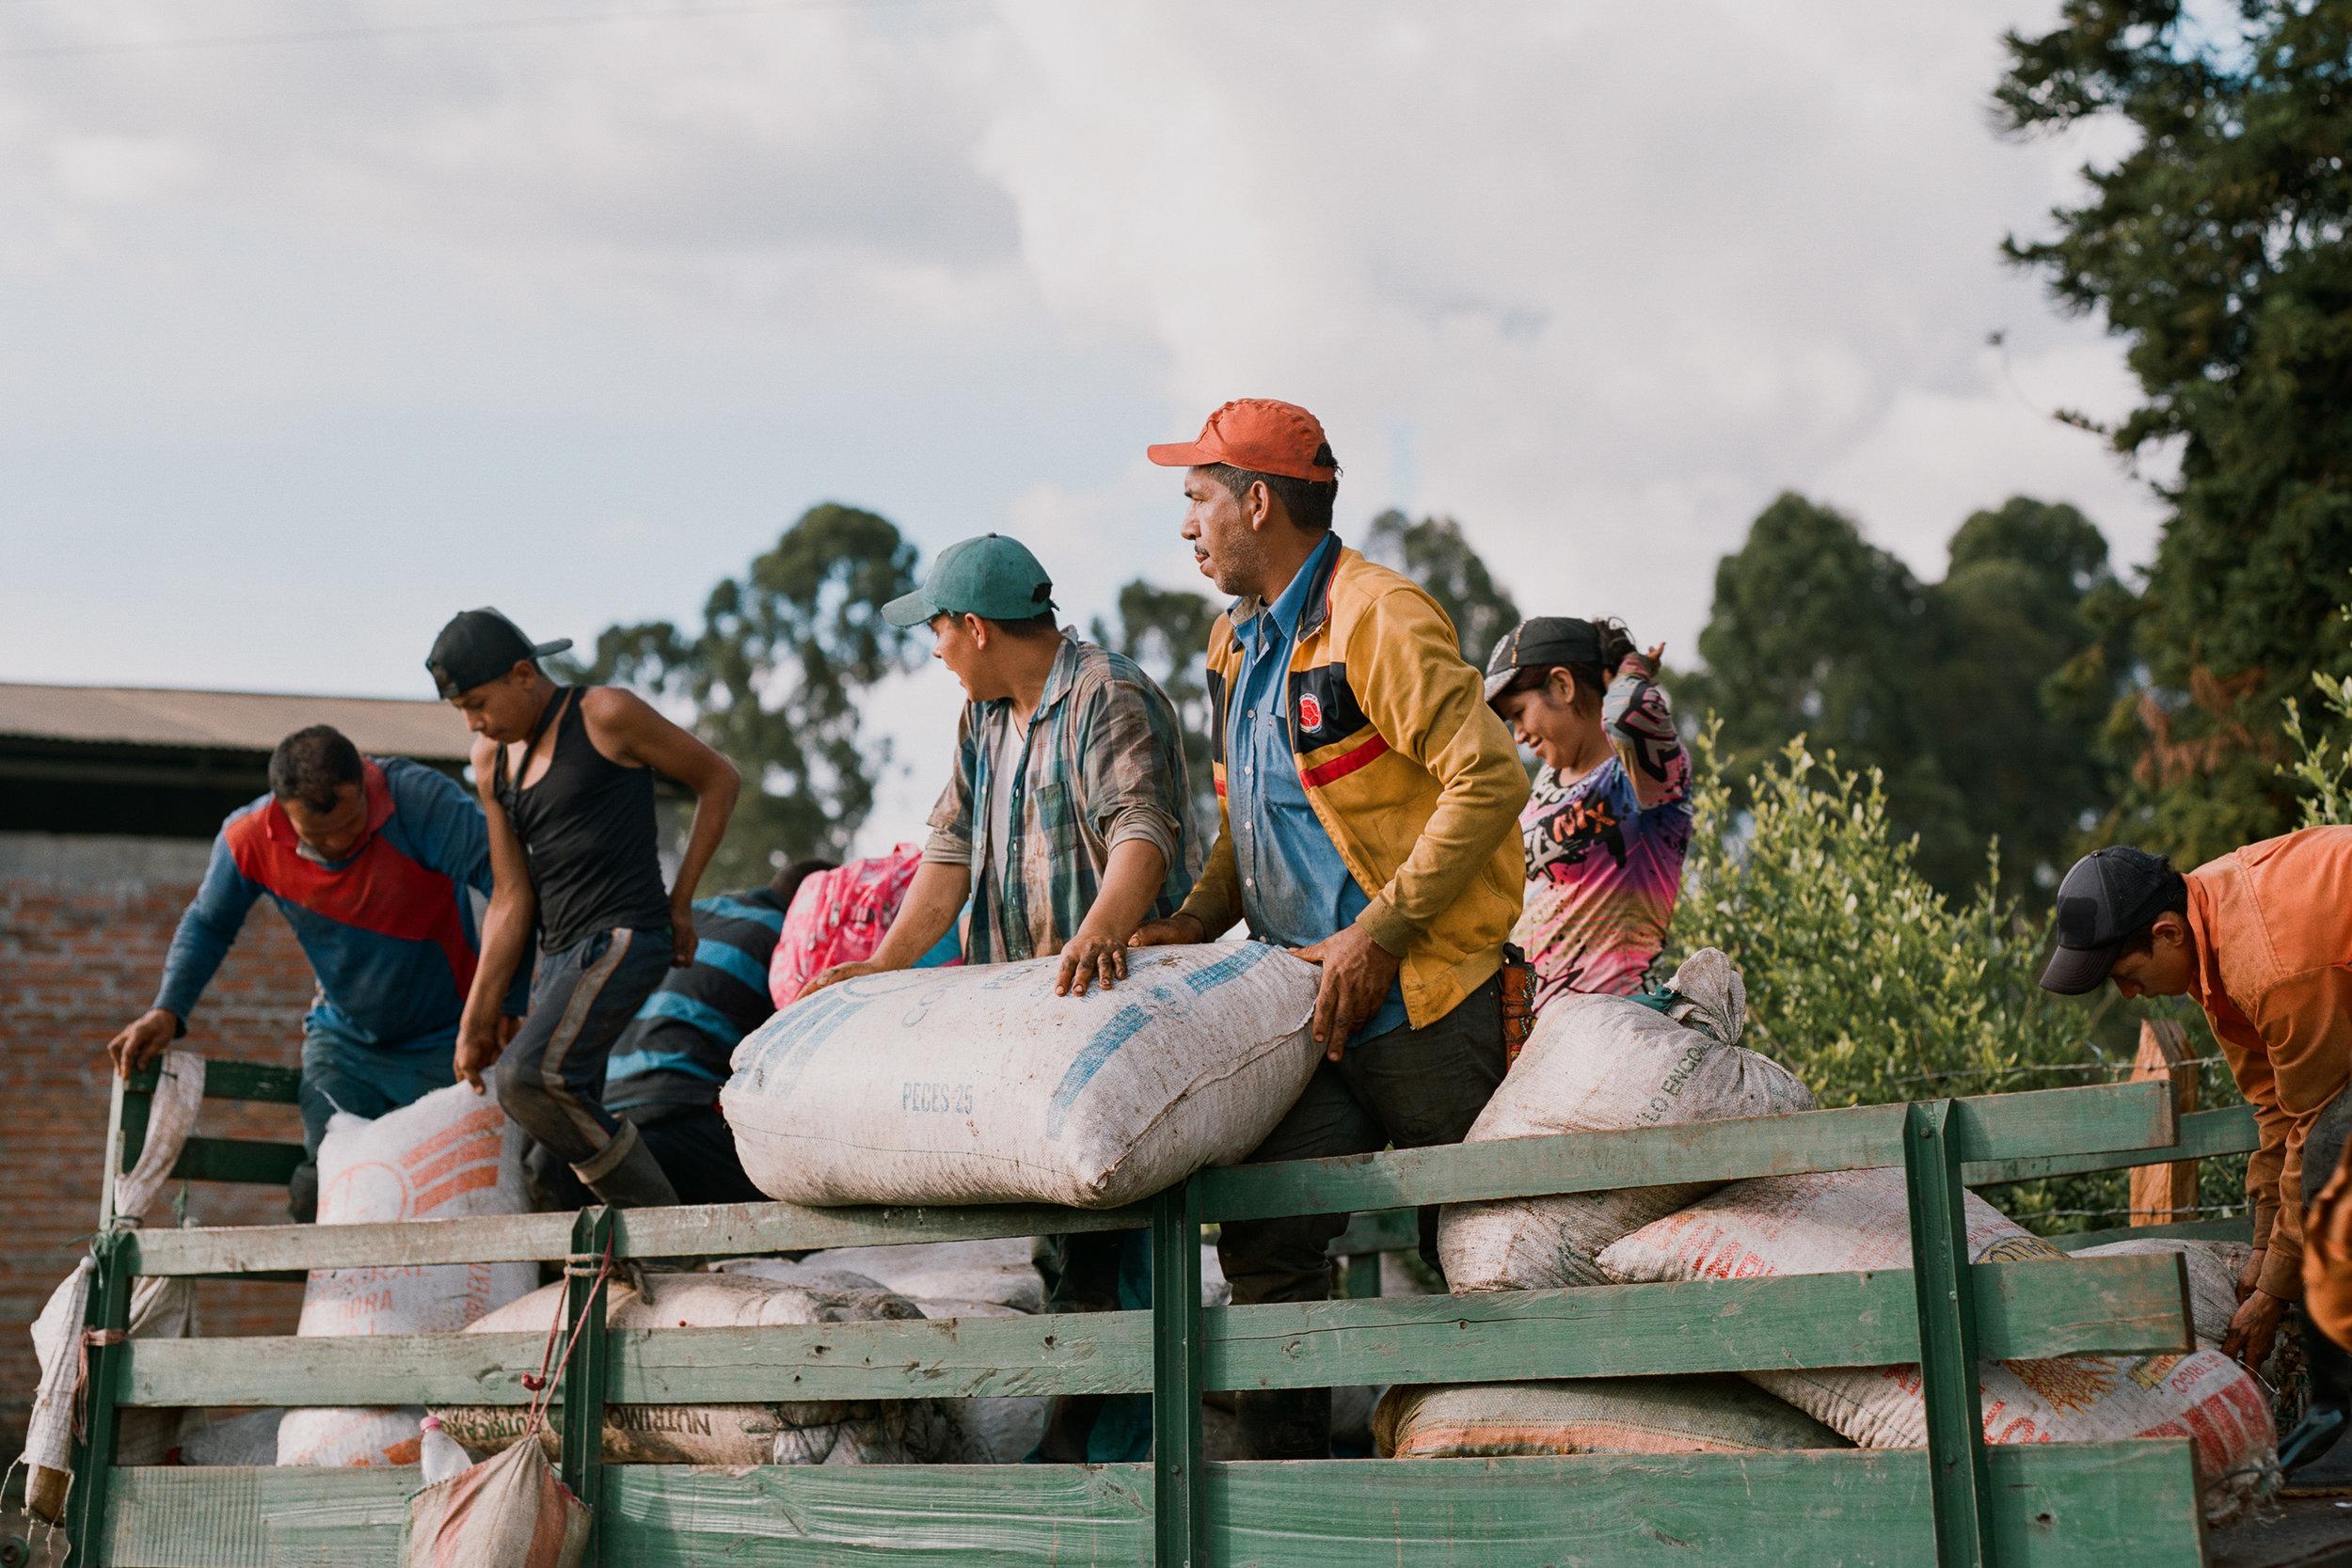 Emanuel-Hahn-Colombia-Coffee-Farmers-Huila-Manizales-Pagpropina-18.jpg